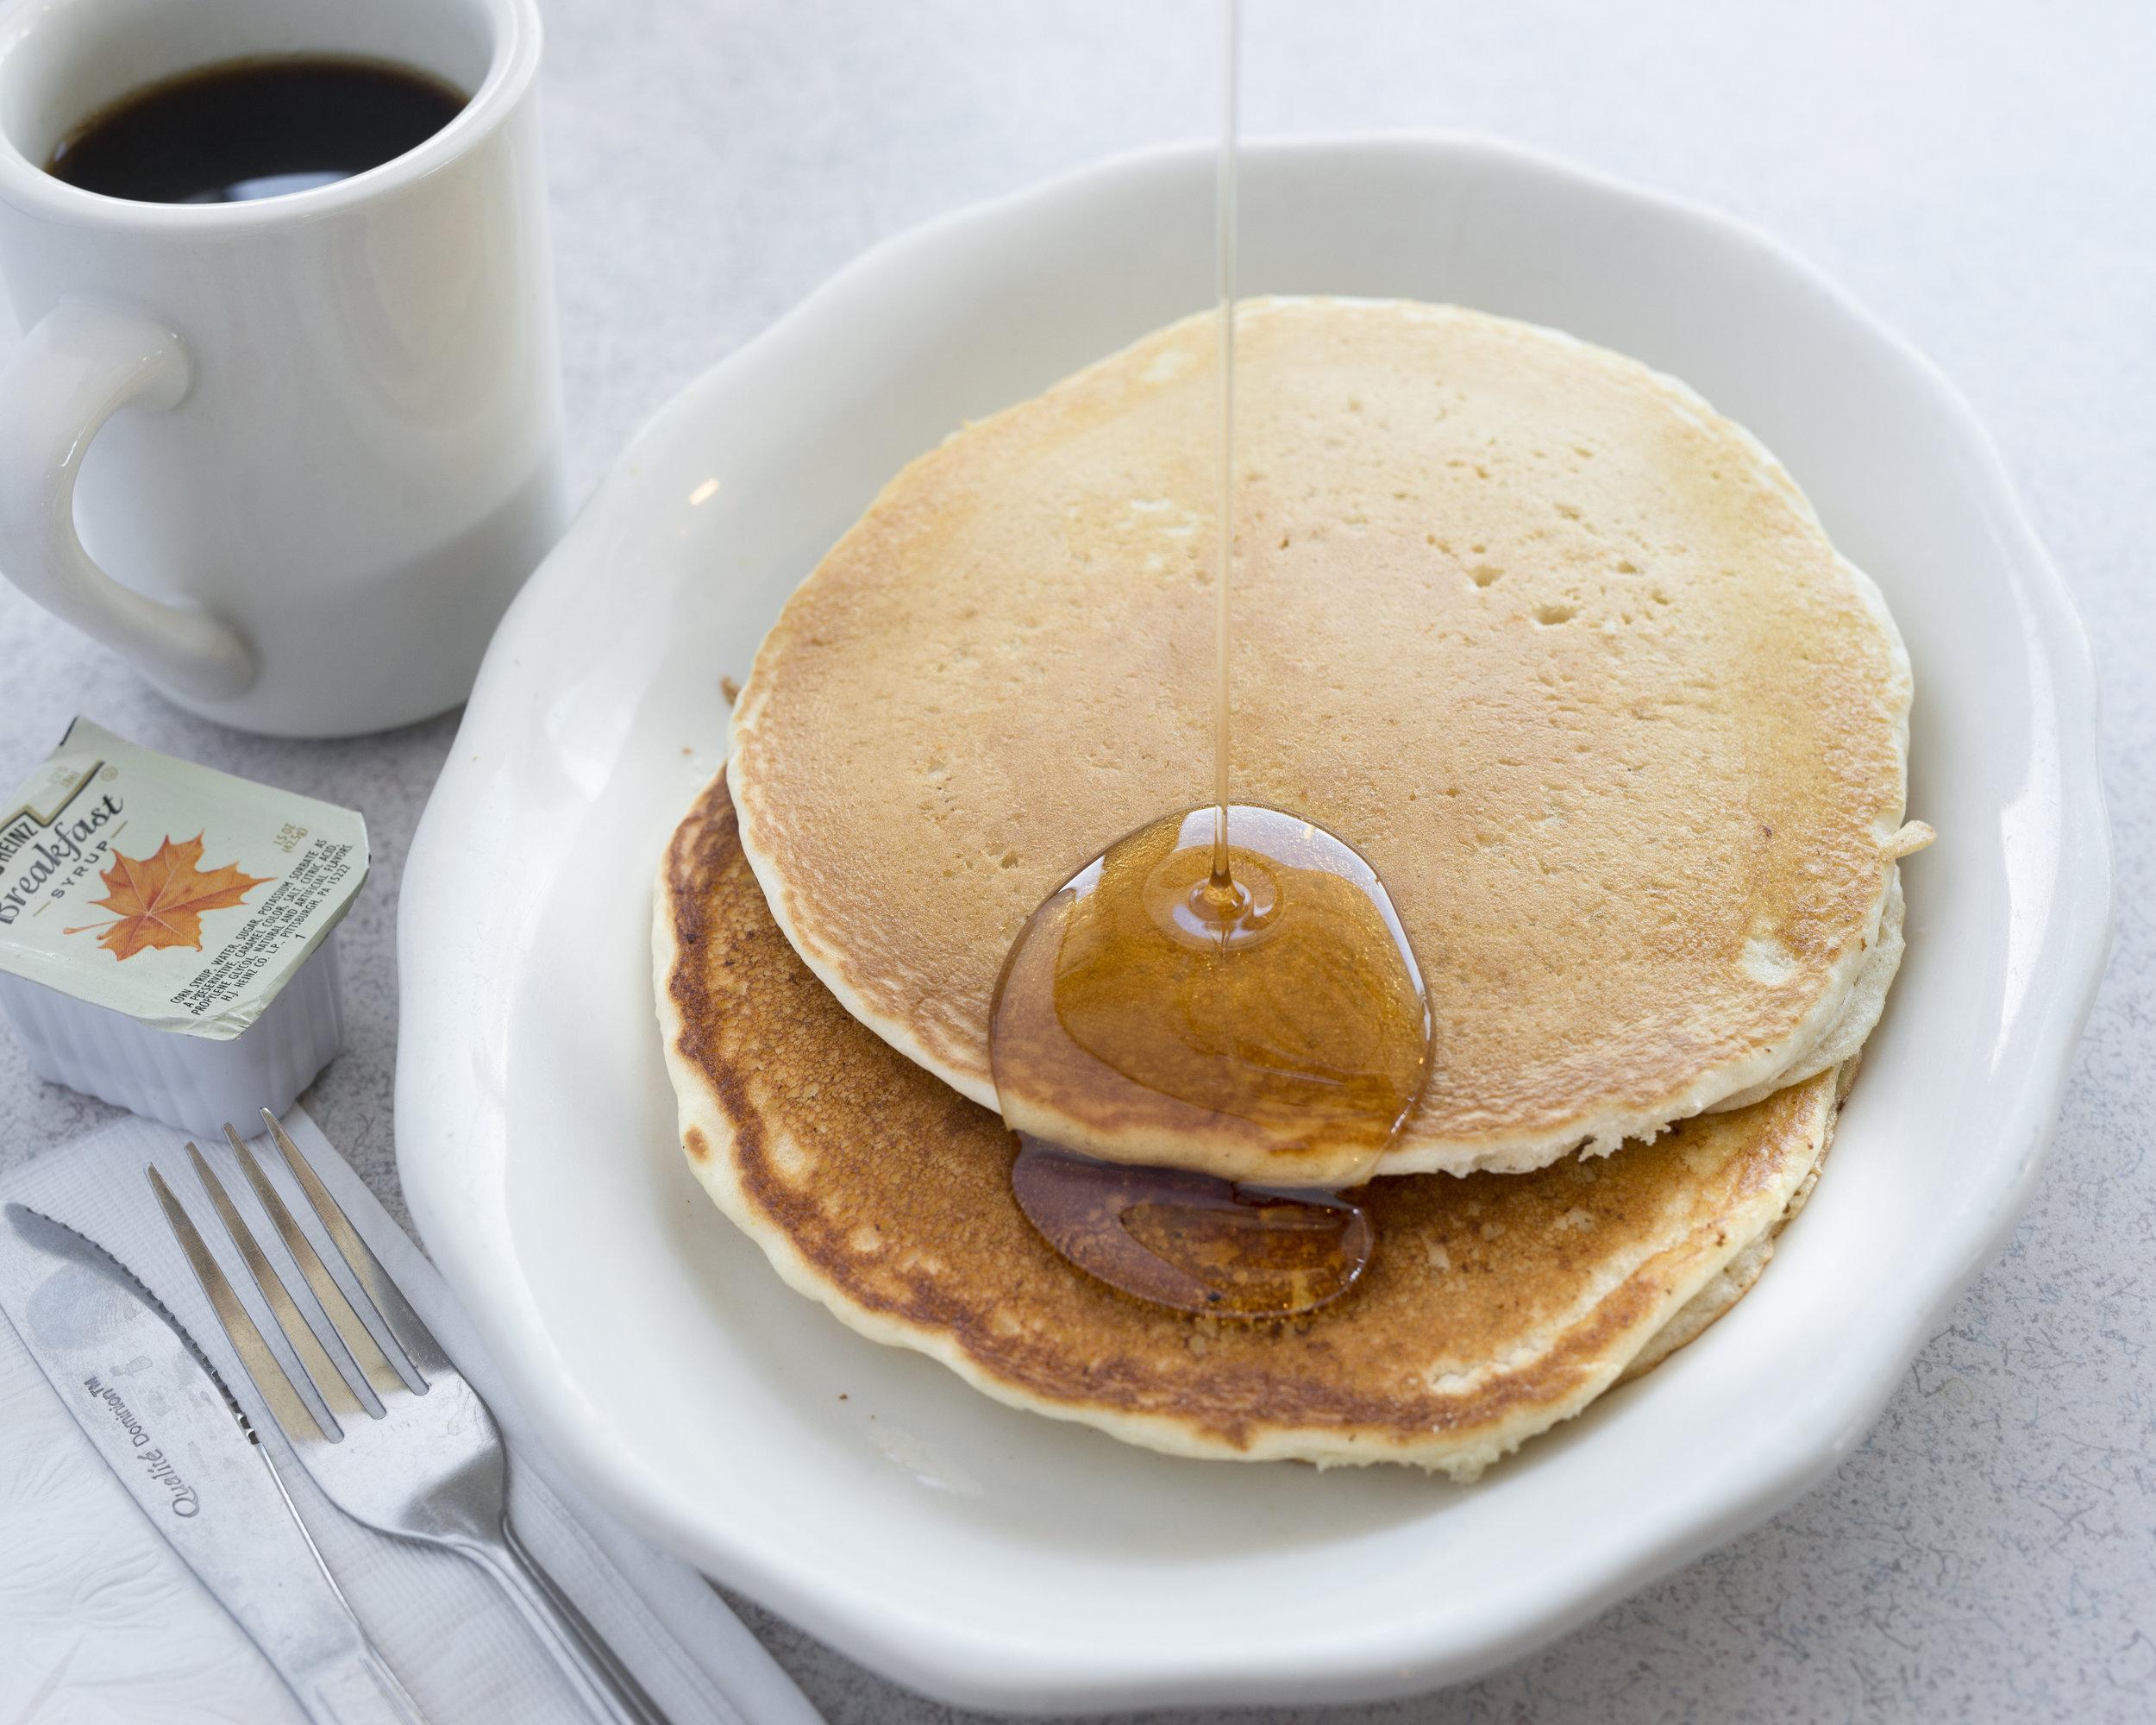 SpringdaleDiner_Pancakes_Native.jpg